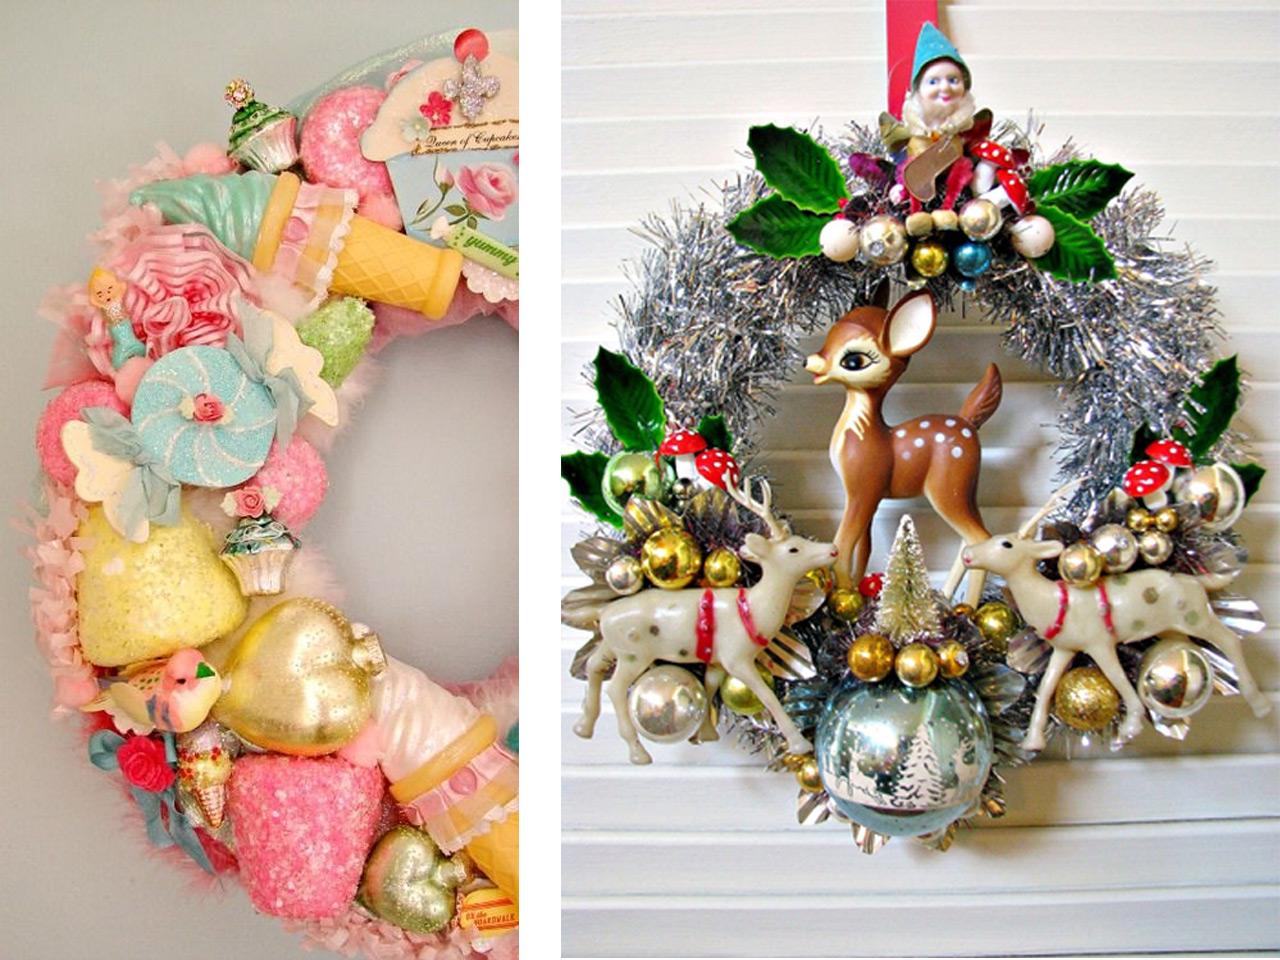 Decoraci n vintage para hacer la navidad a n m s bonita - Decoracion navidad vintage ...